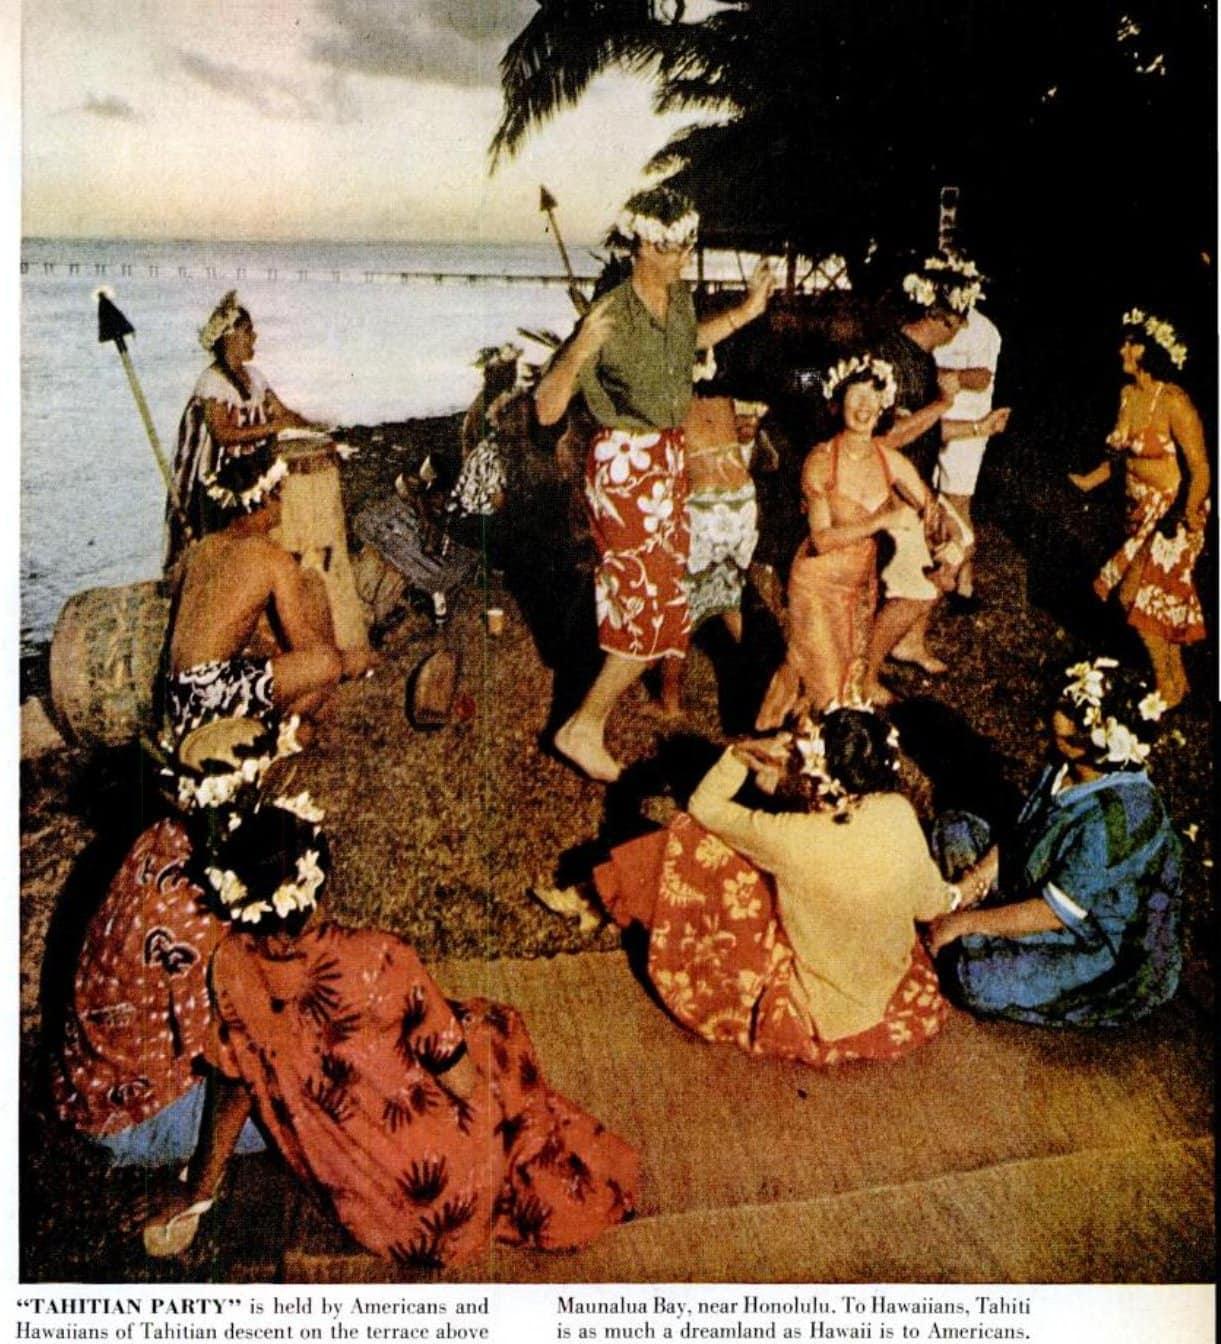 Гид по Гавайям 1950-х: посмотрите, как острова выглядели до того, как стали американским штатом